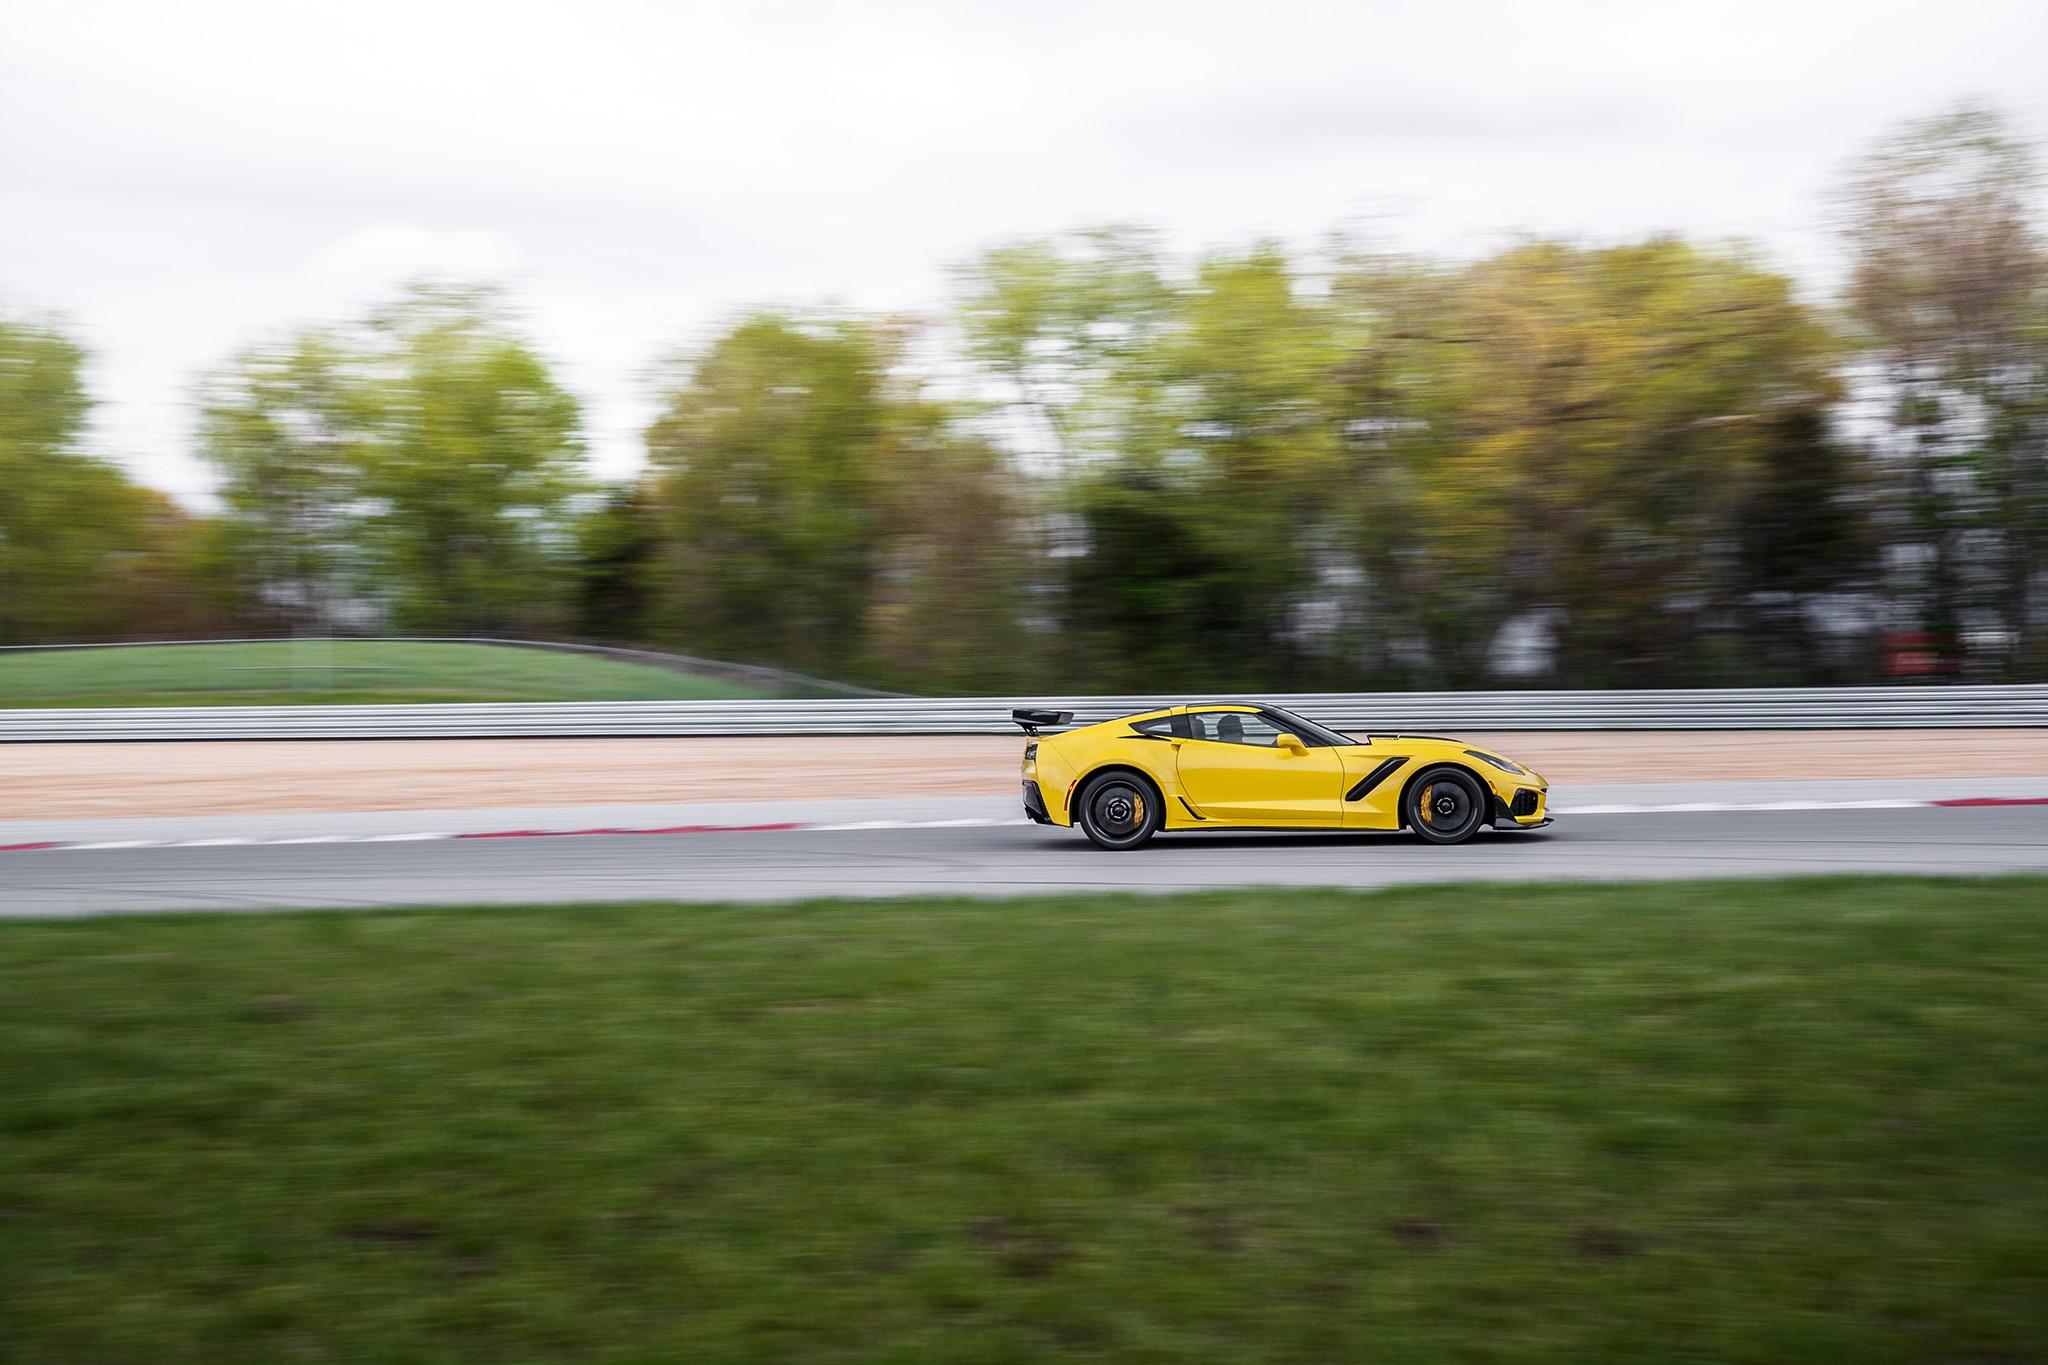 2019 Chevrolet Corvette ZR1 Meets 1990 Corvette ZR1